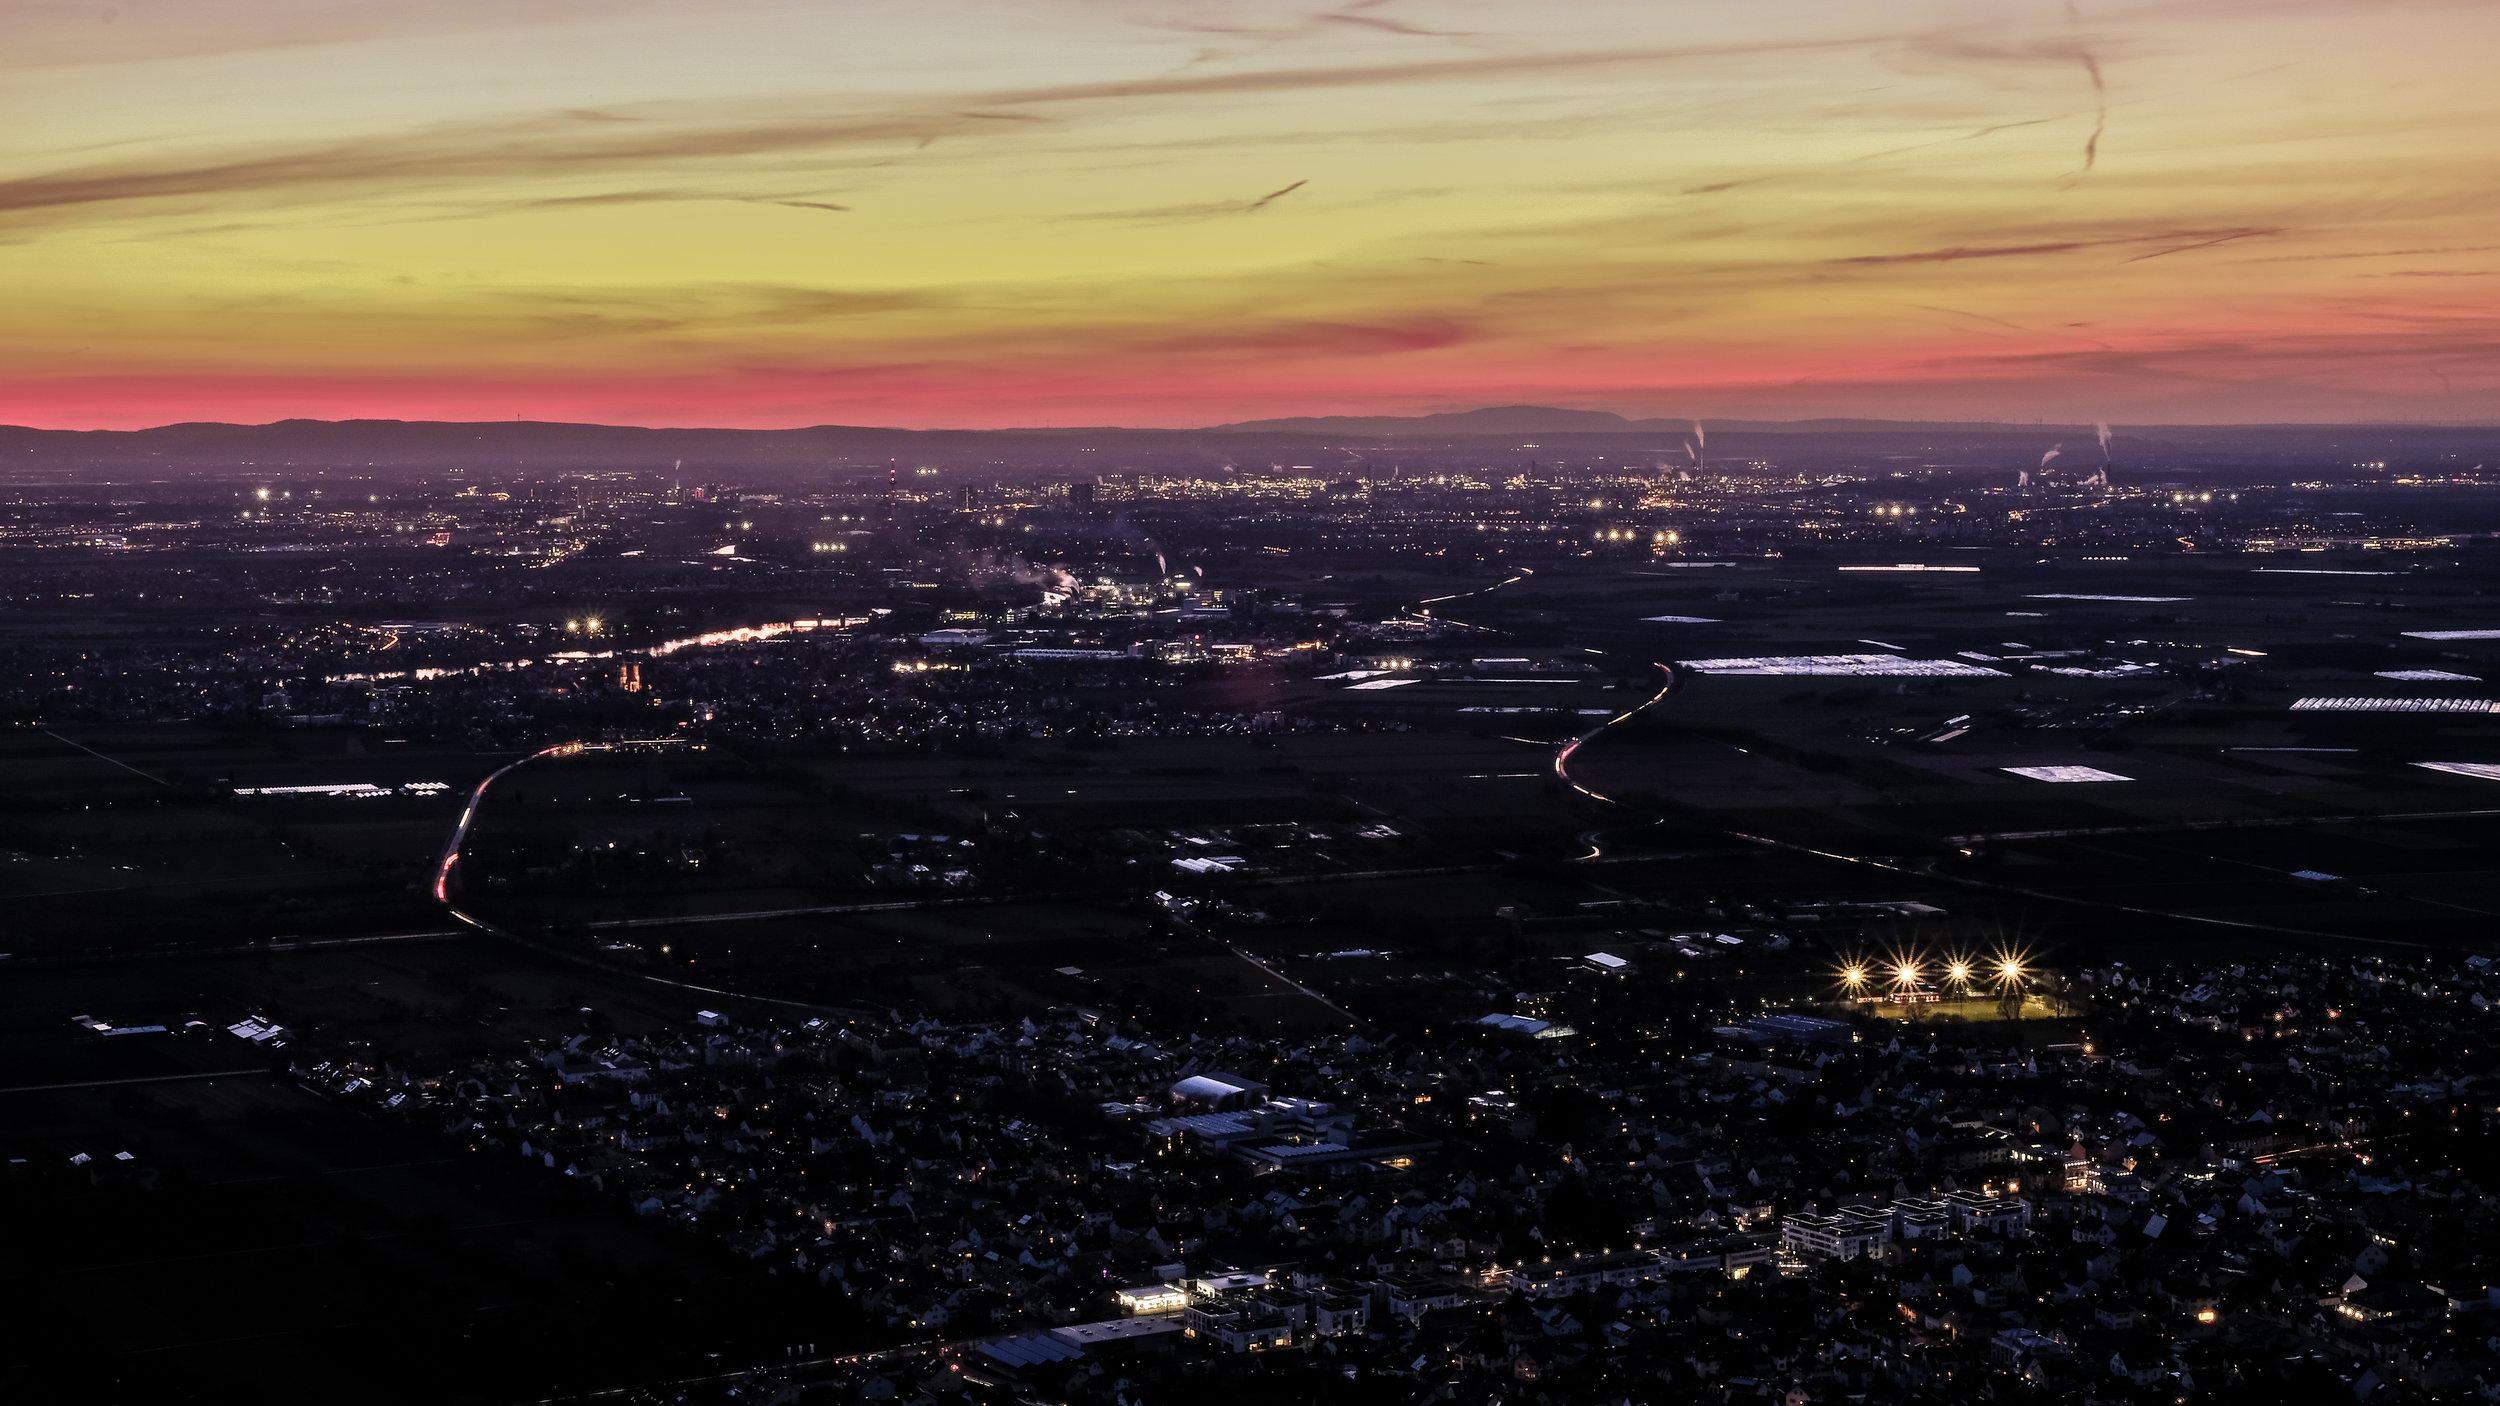 Rhein valley